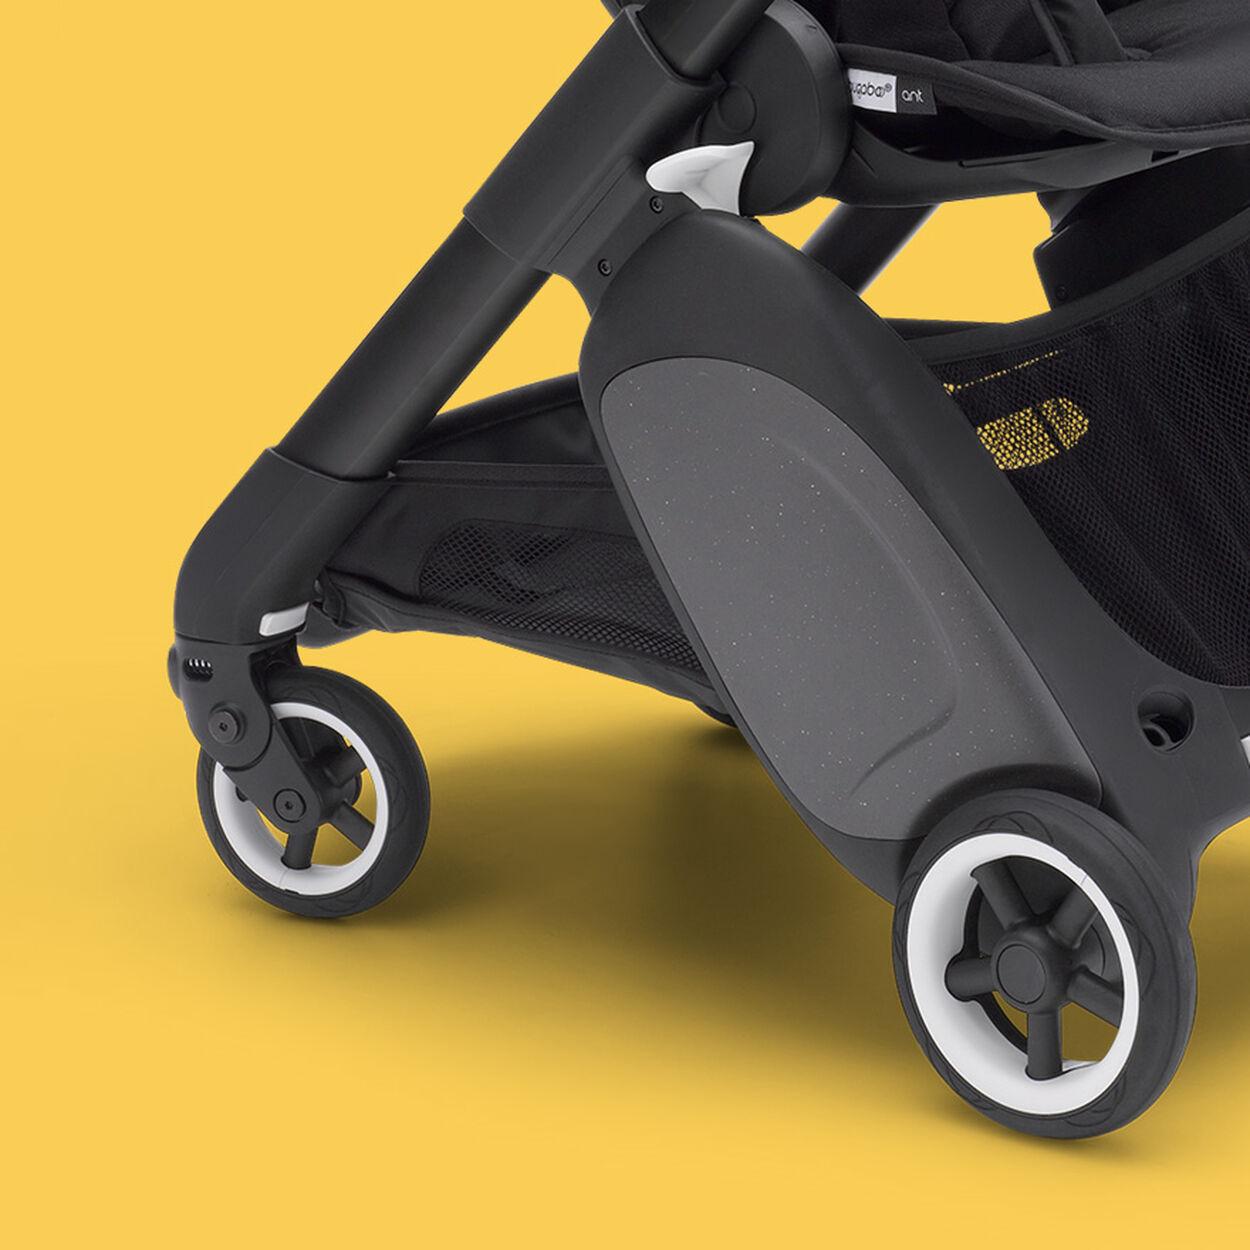 Bugaboo Ant wheels